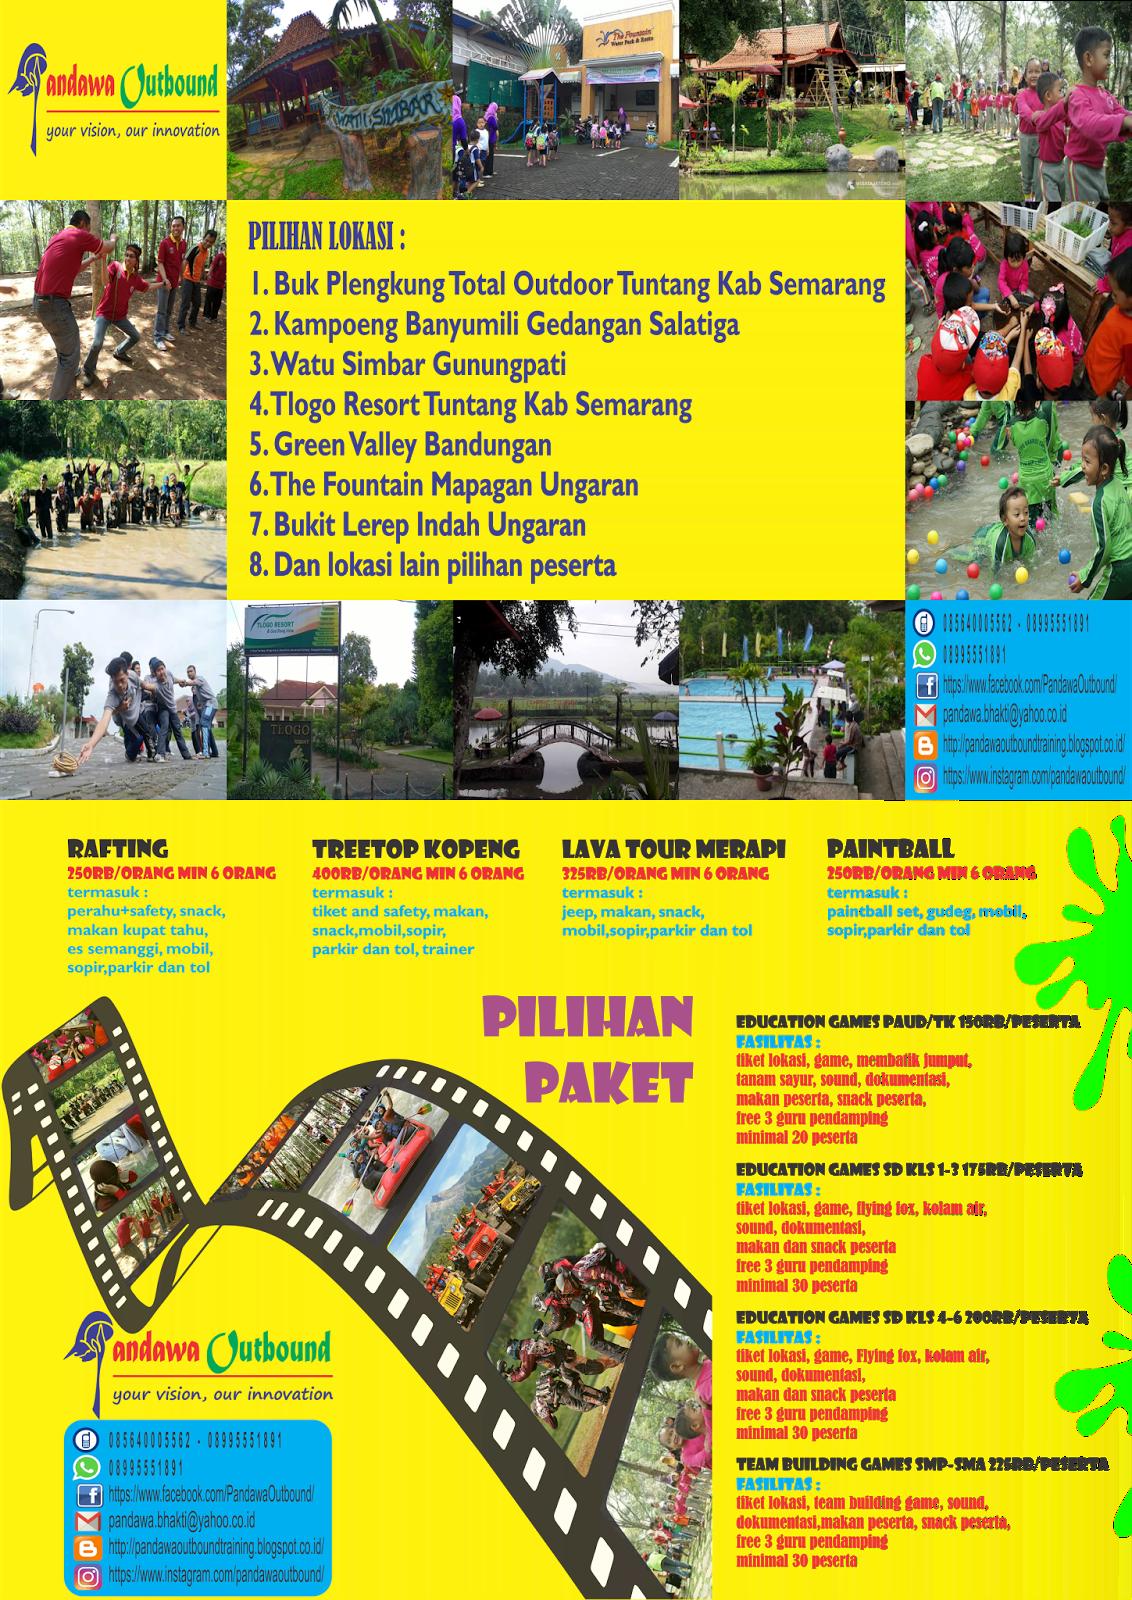 Pandawa Outbound Januari 2017 Rafting Murah Bukit Lerep Indah Kab